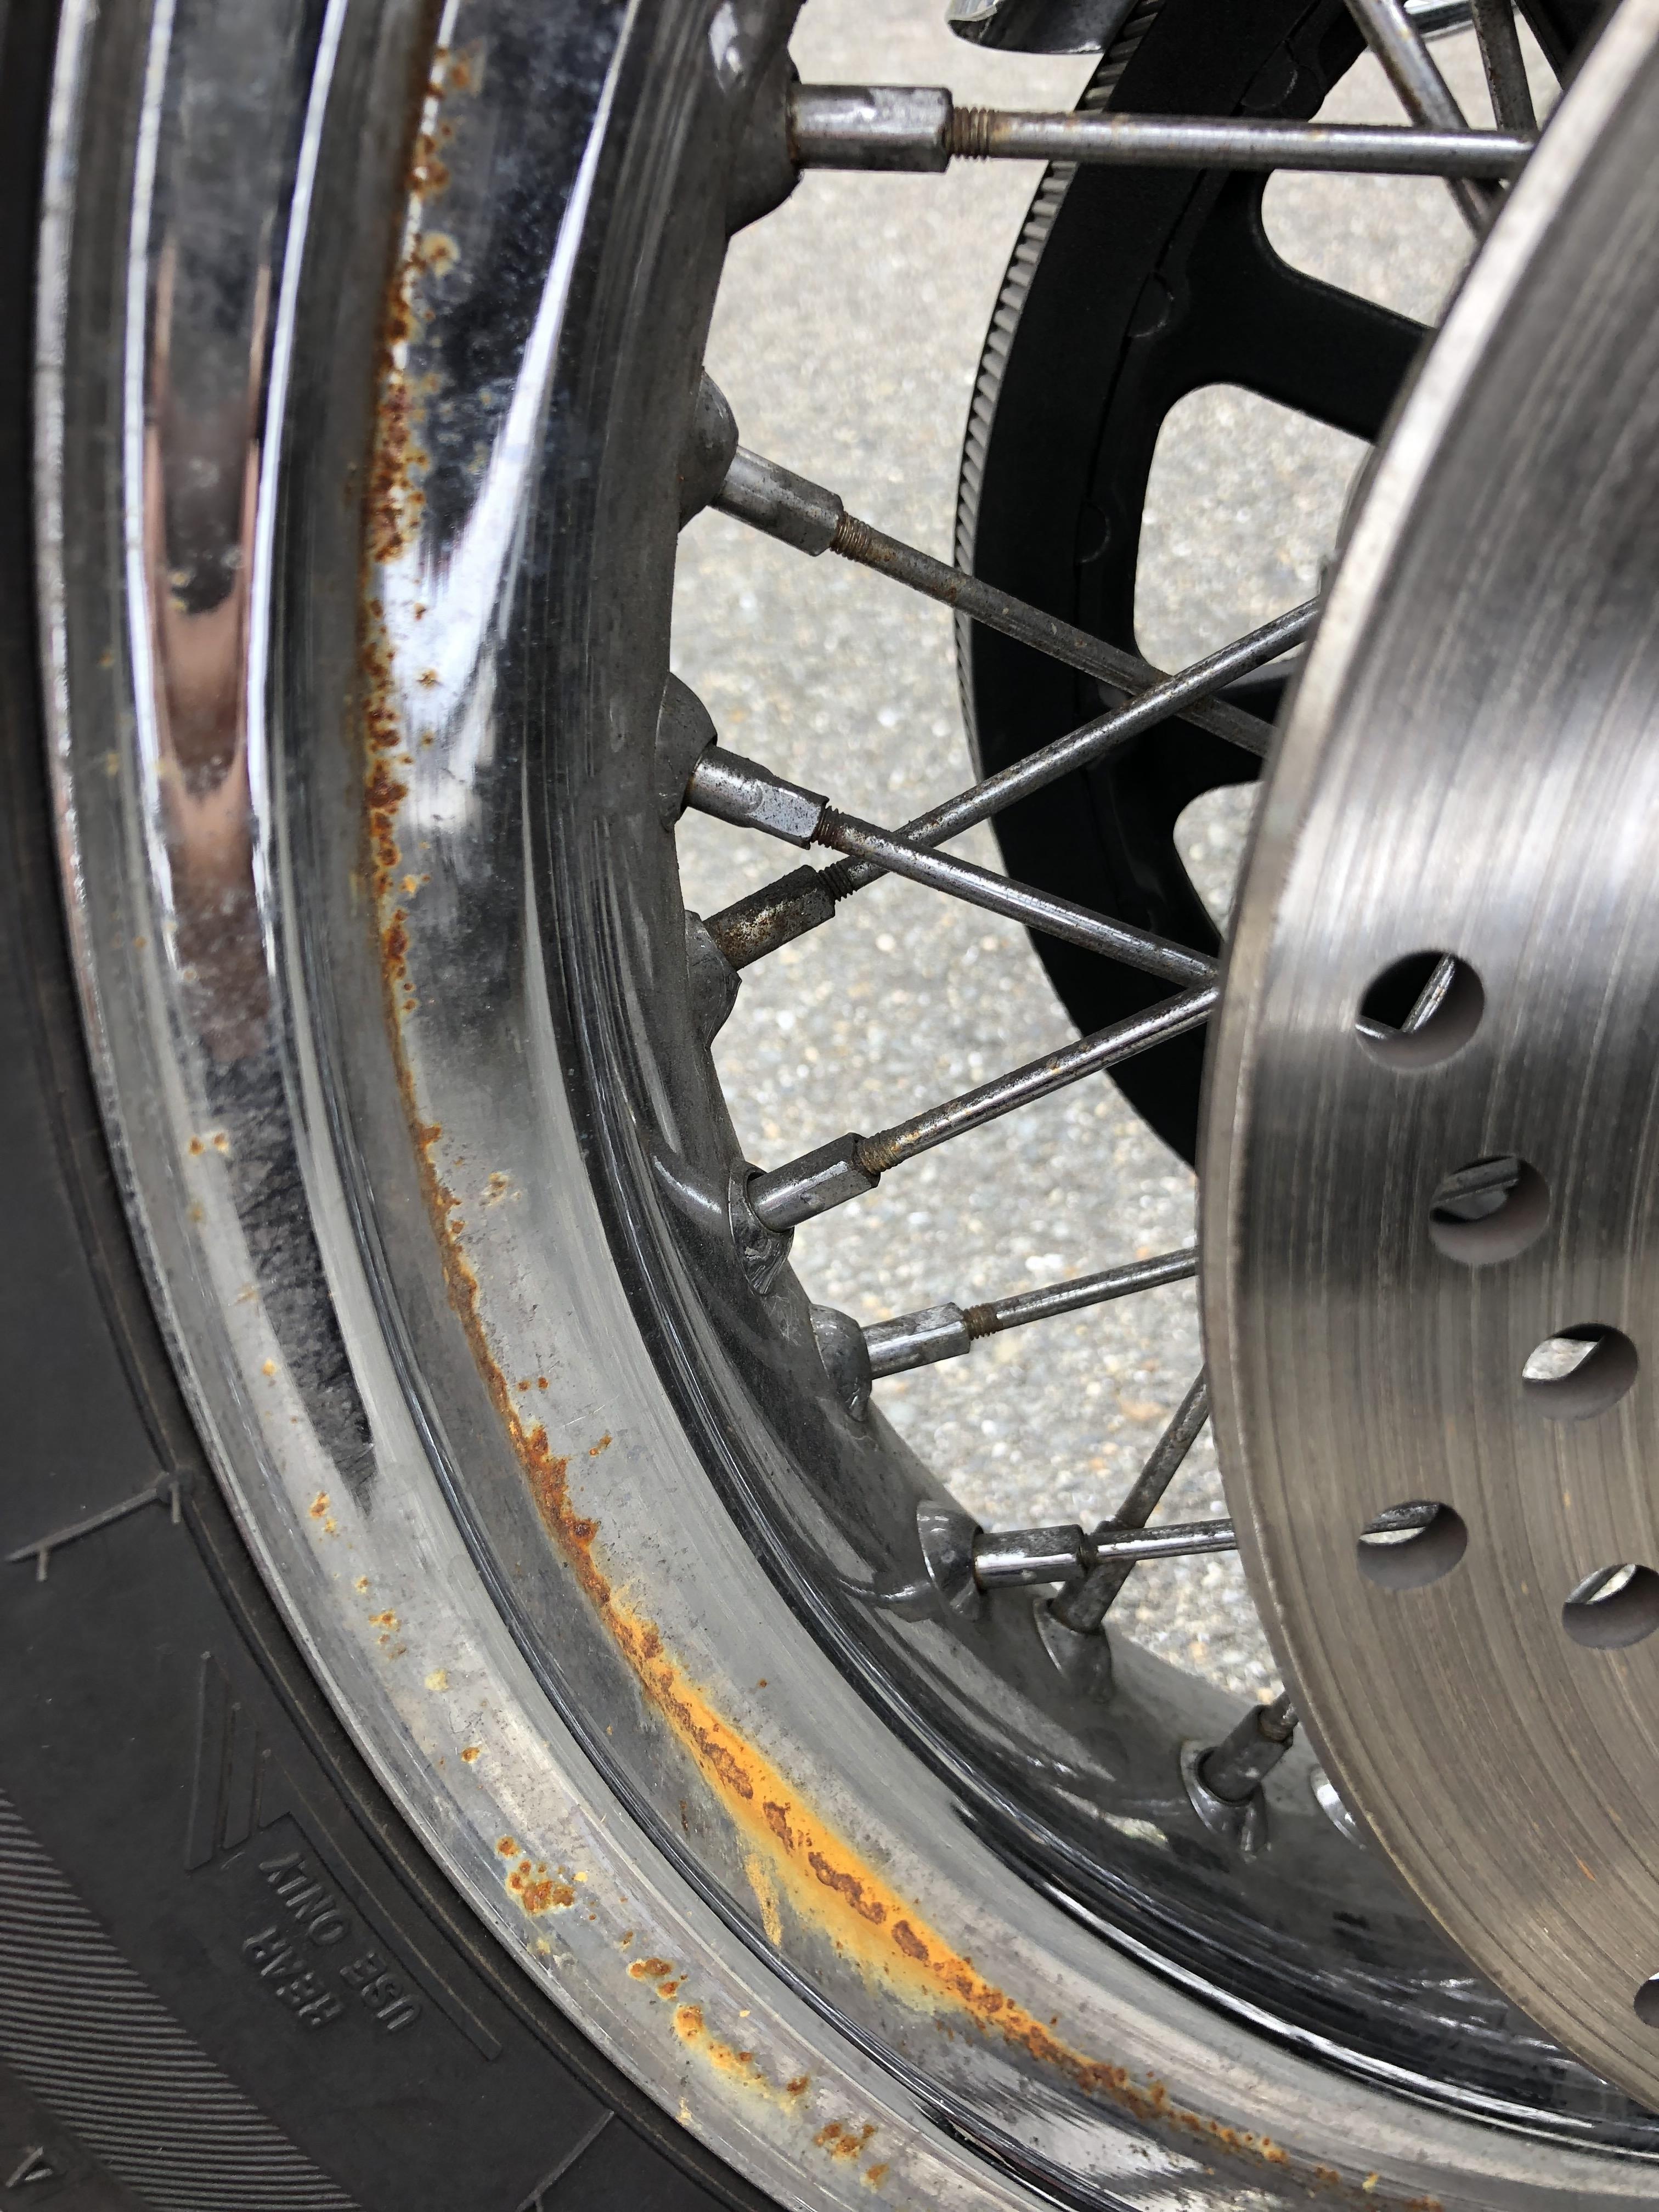 バイク リアタイヤ 簡単ジャッキアップ メンテナンス デイトナ イージーリフトアップスタンド 後輪 スポークホイール 錆 サビ